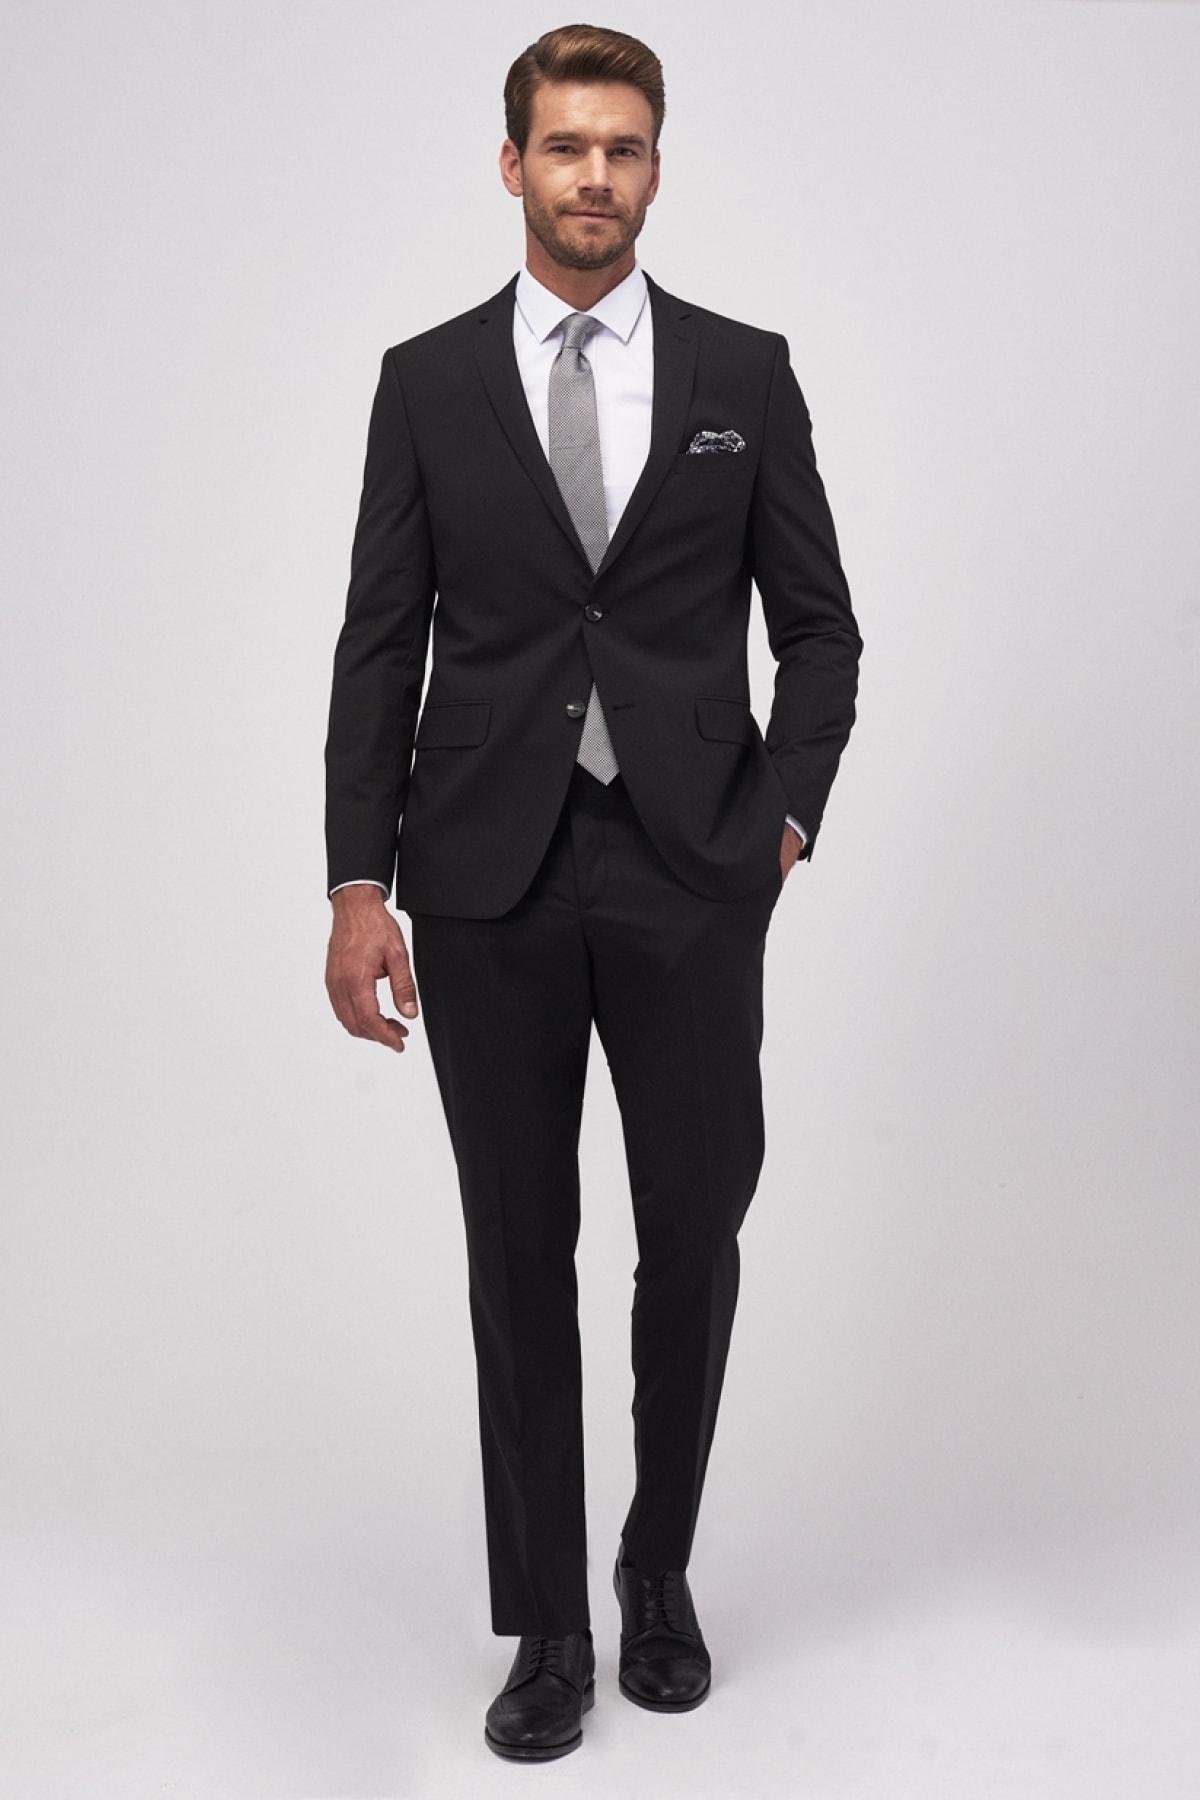 ALTINYILDIZ CLASSICS Erkek Siyah Slim Fit Takım Elbise 2